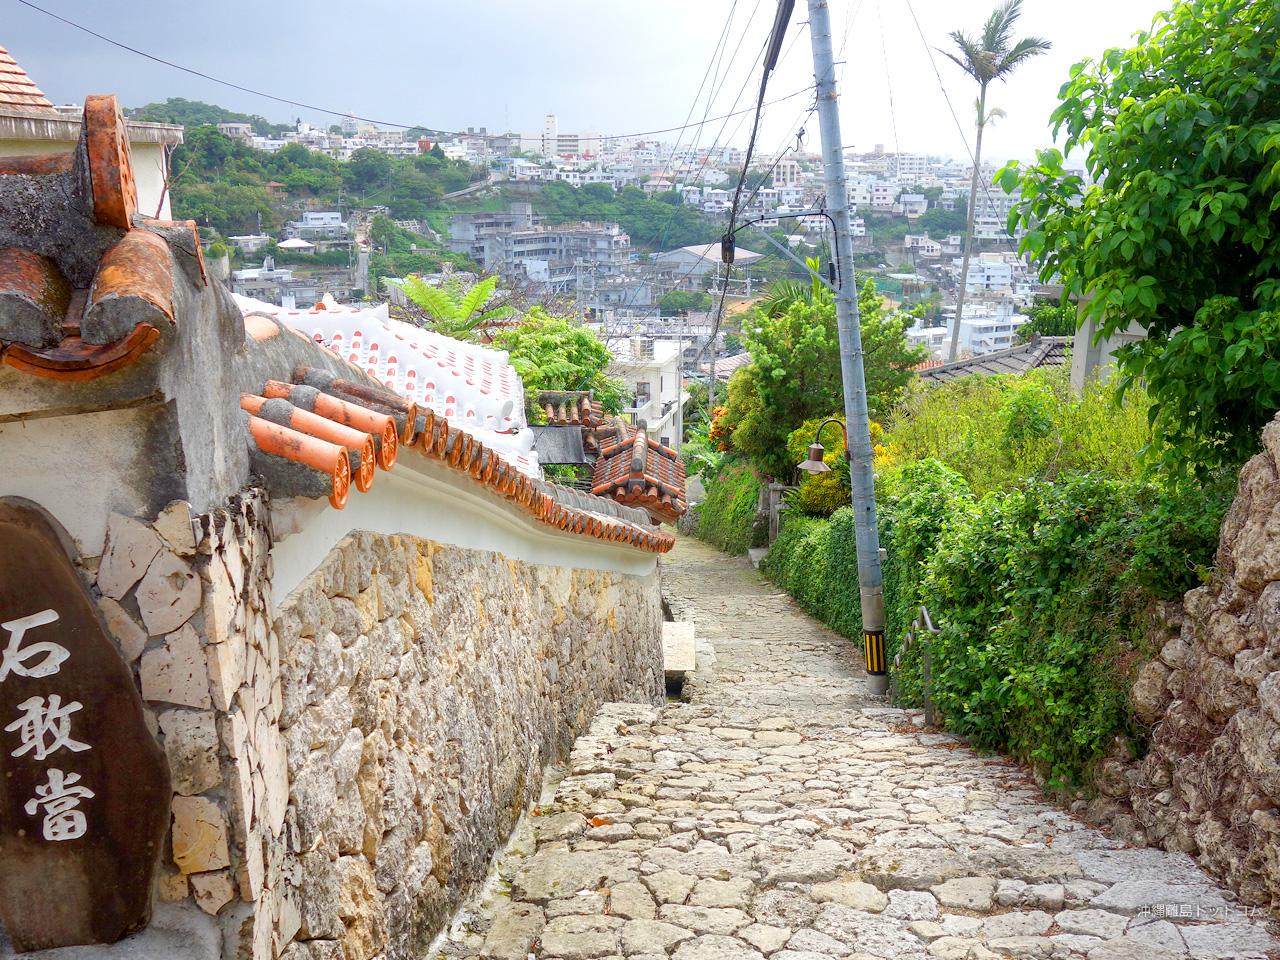 「しゅり散歩」沖縄・首里城散策完全ガイド!フォトジェニックな場所はここ!!